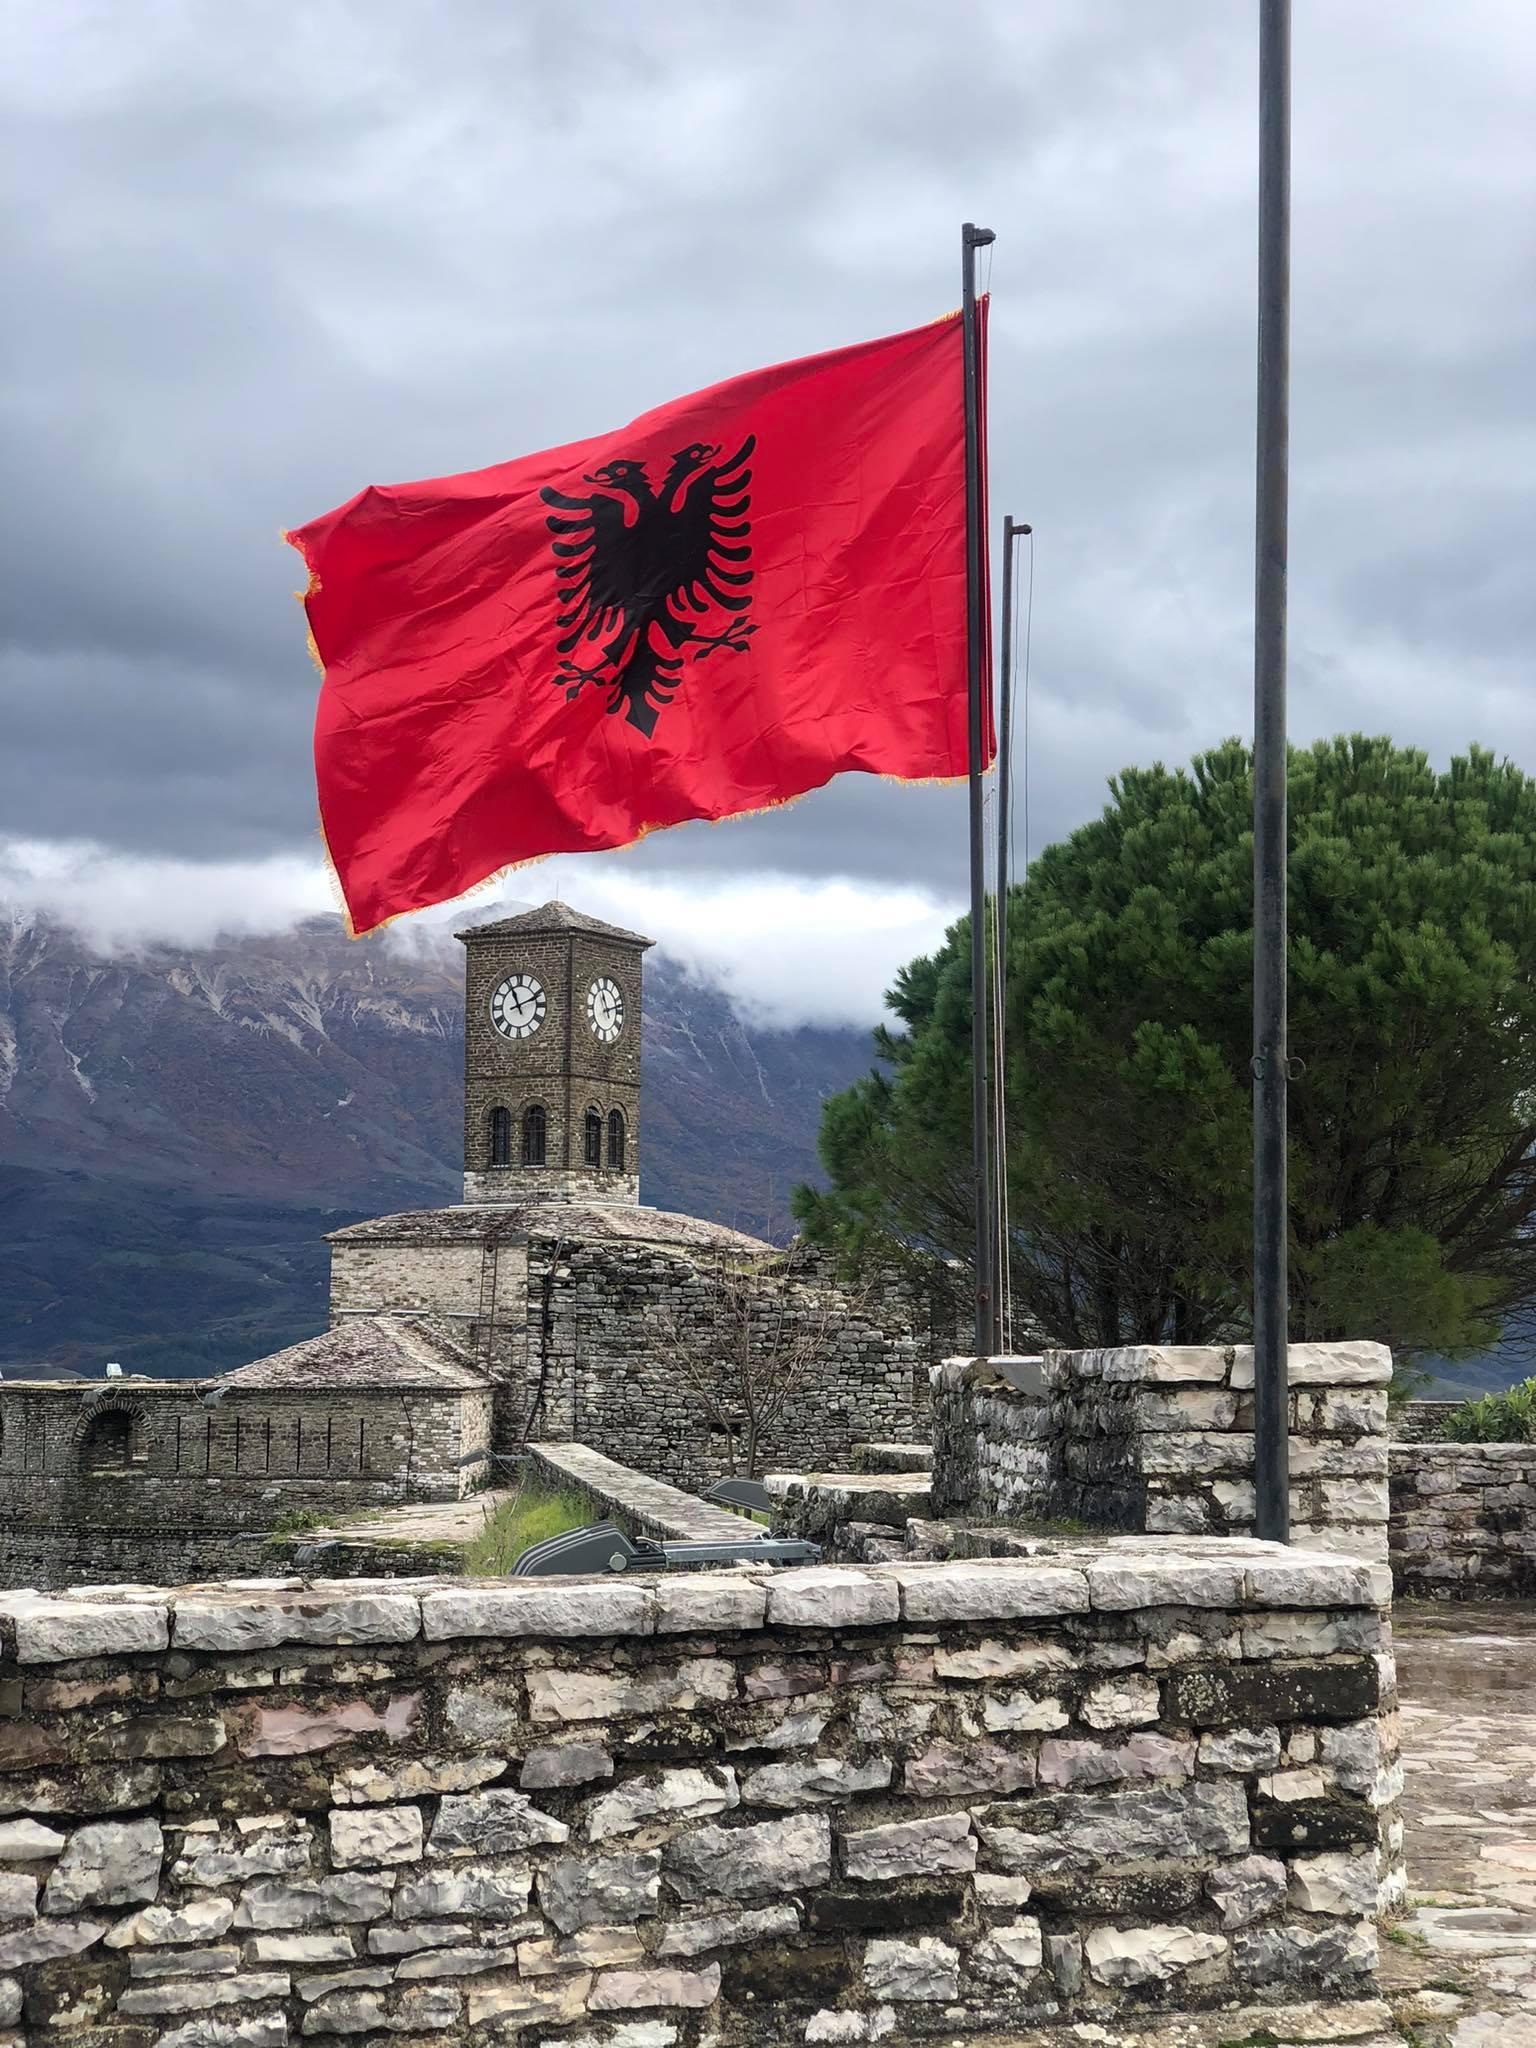 Përkujtohet 4 Dhjetori i vitit 1912, ngritja e Flamurit të Lirisë në Kështjellën e qytetit të Gjirokastrës